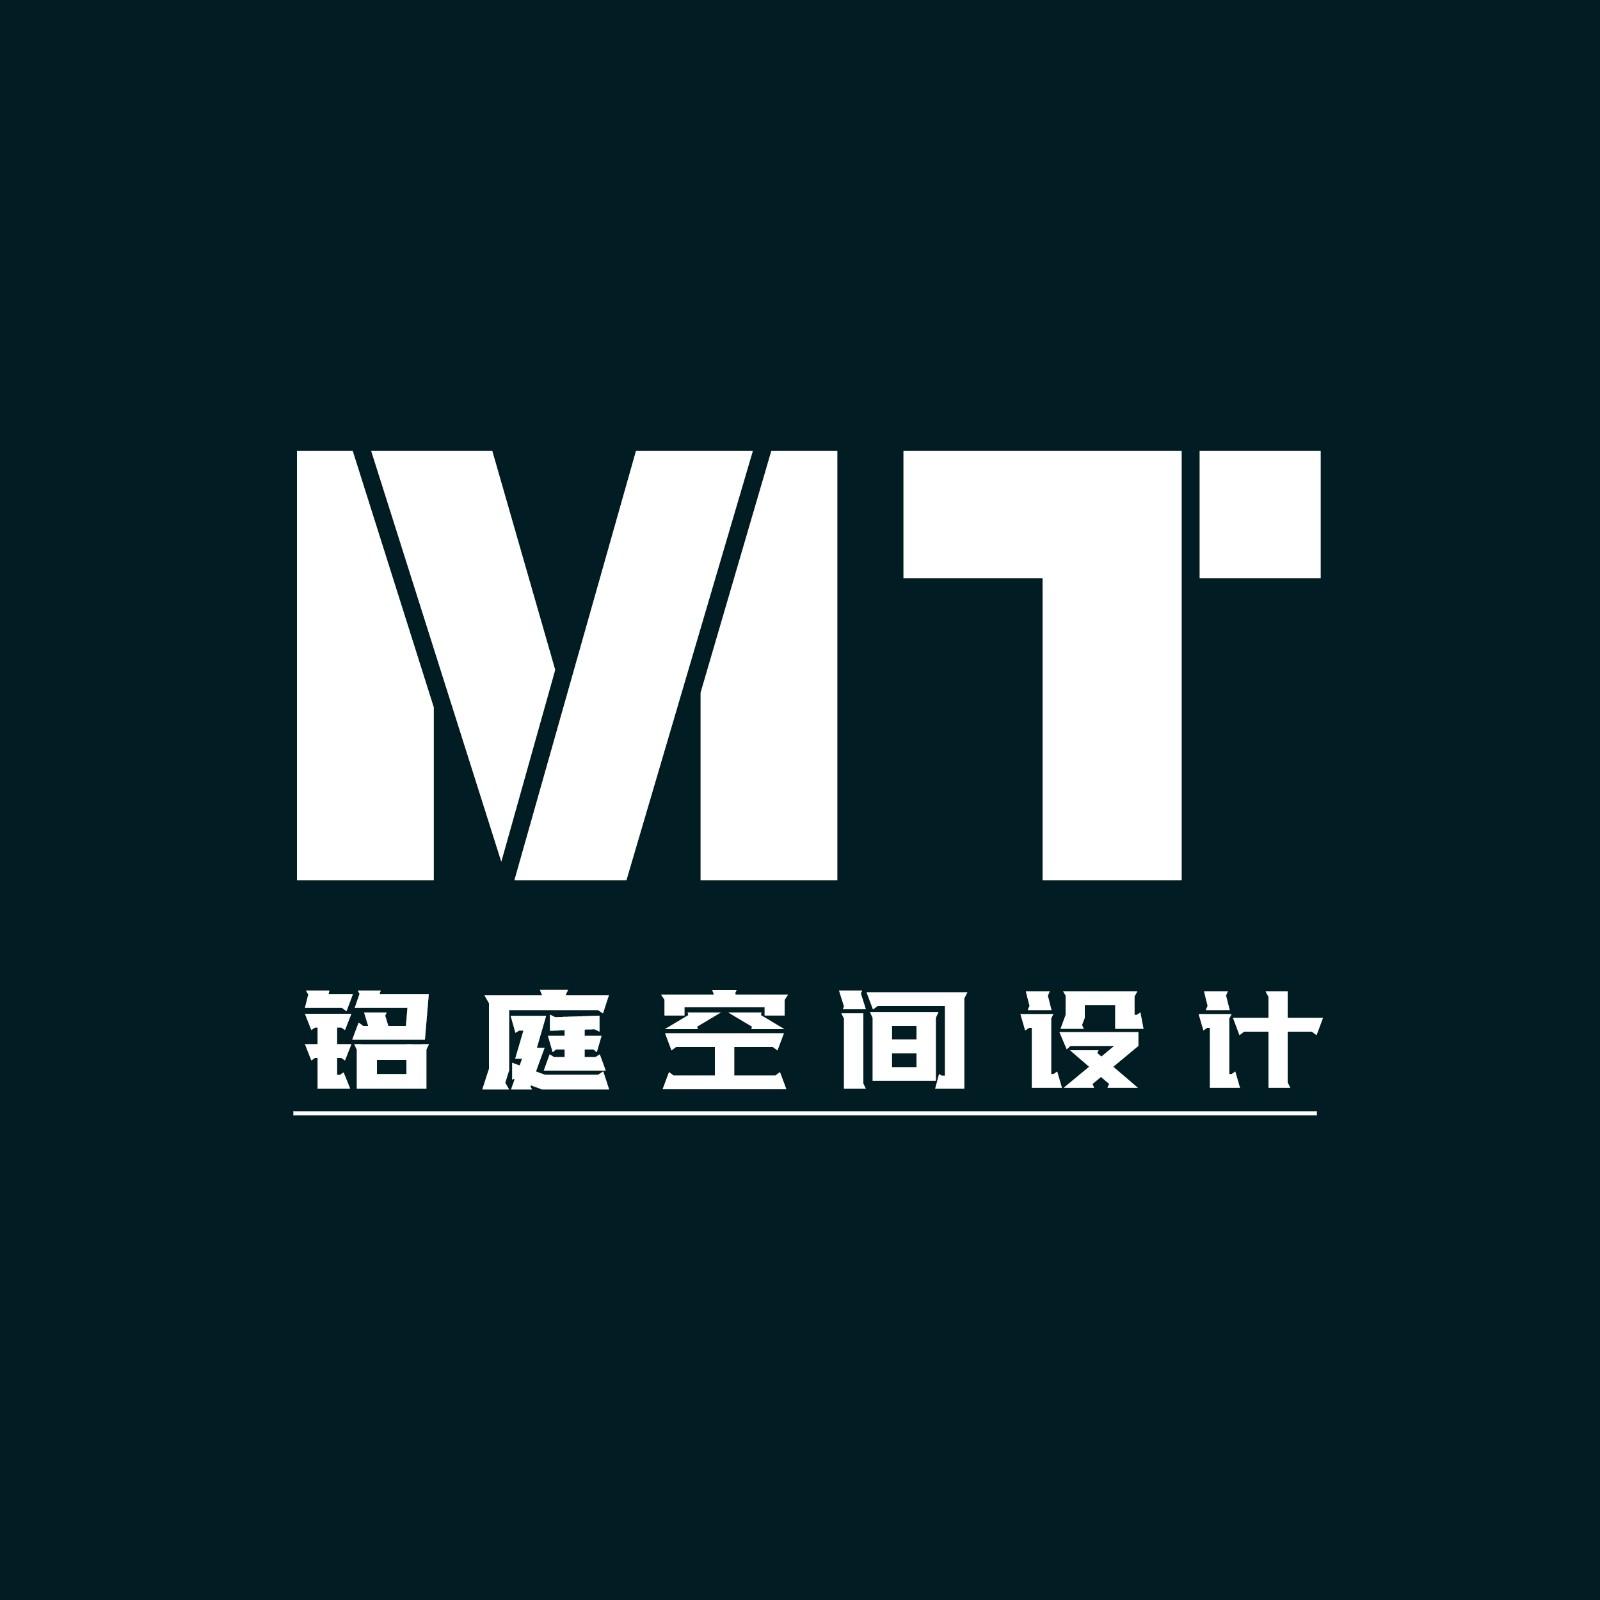 贵州铭庭建筑工程有限公司